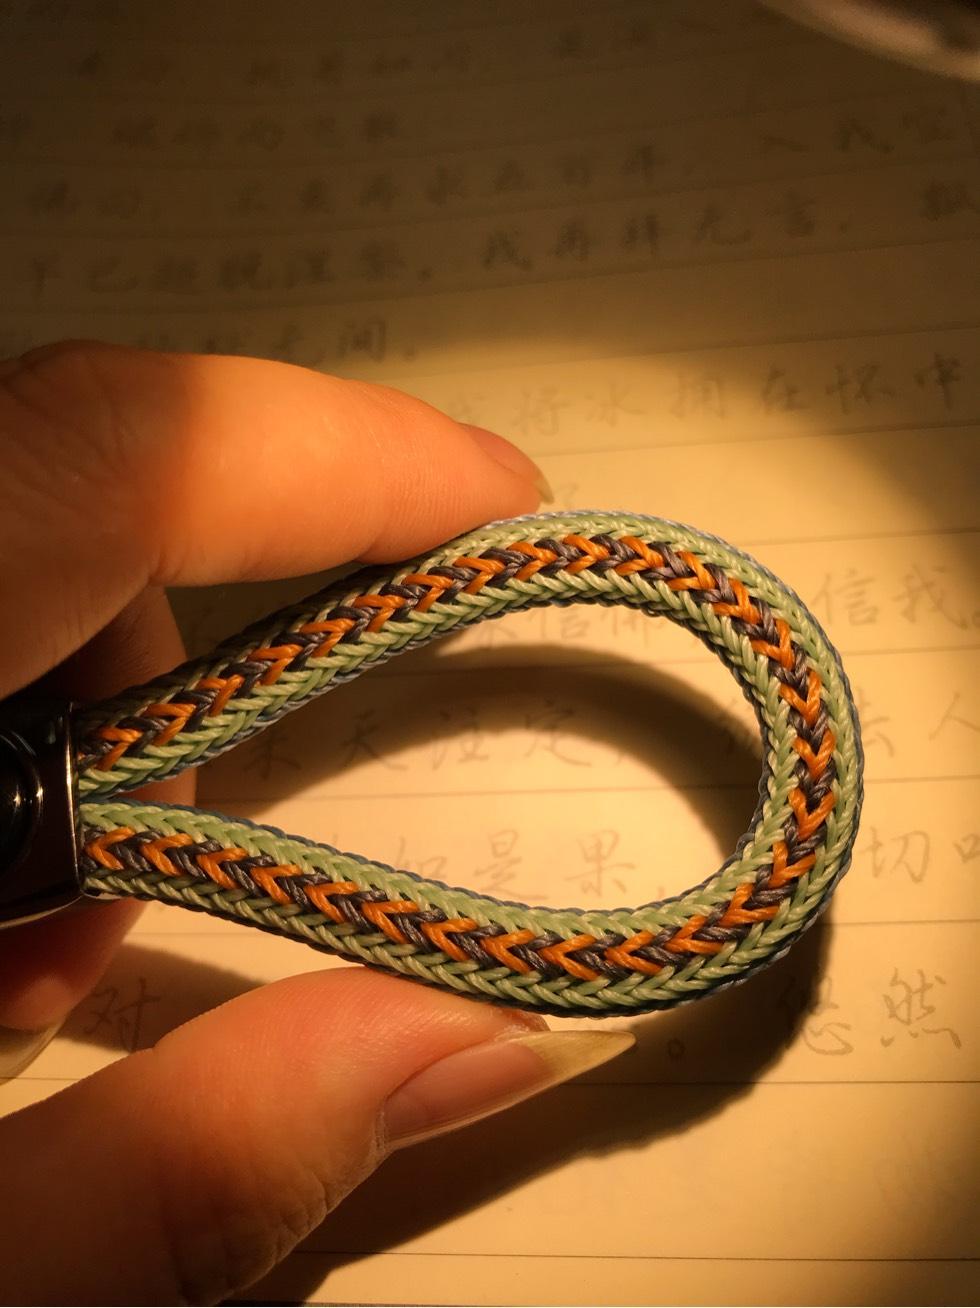 中国结论坛 蜡线钥匙扣 蜡线有什么用,手绳用蜡线还是玉线,蜡线哪种好,蜡线怎么脱蜡,蜡线包石头编织教程 作品展示 222631y51rzm6nx56lnzot